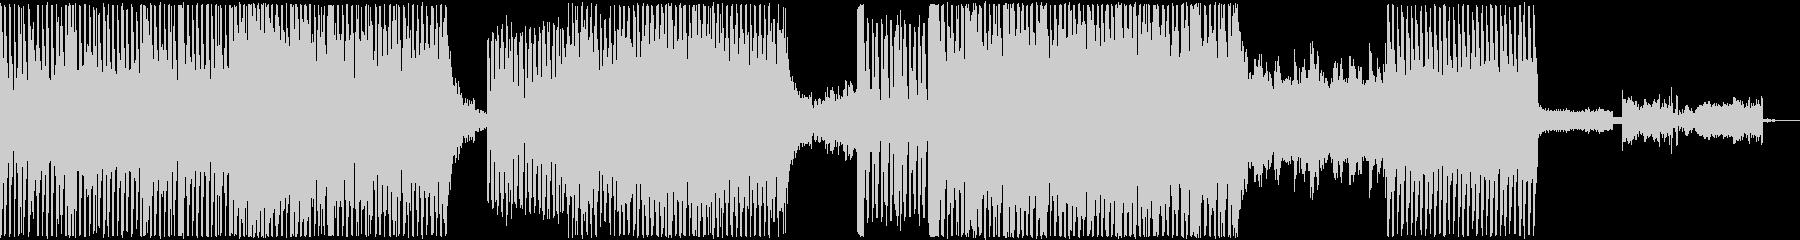 ダークでクールなBGMの未再生の波形